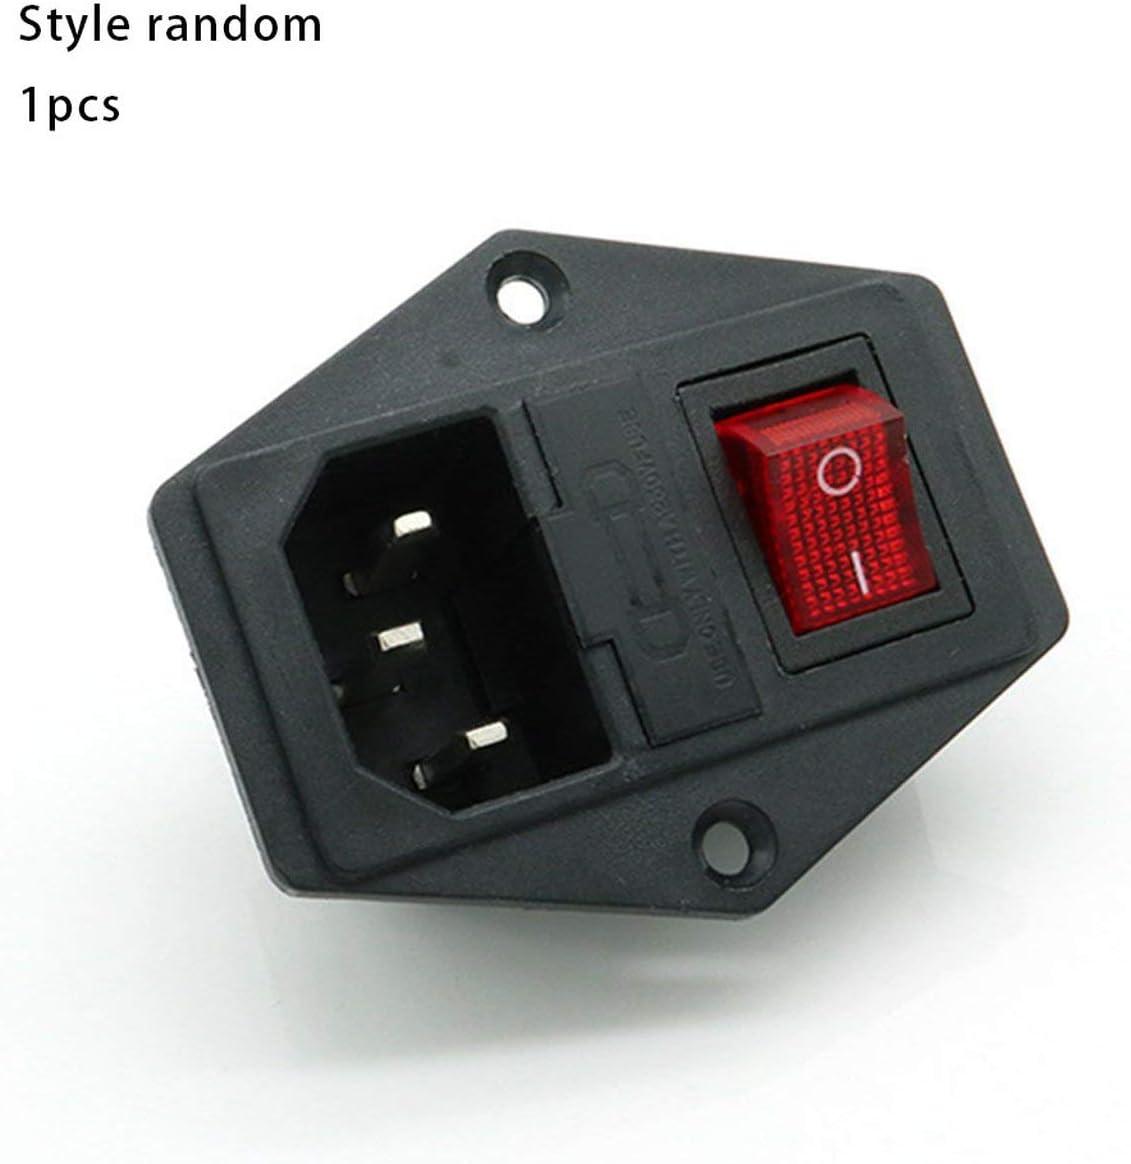 ESjasnyfall Interruptor de alimentaci/ón Toma de Corriente alterna de CA de 3 Pines con Interruptor de balanc/ín Triple Rojo Patas de Cobre del tr/ípode con Fusible de Impresora de protecci/ón 3D Negro